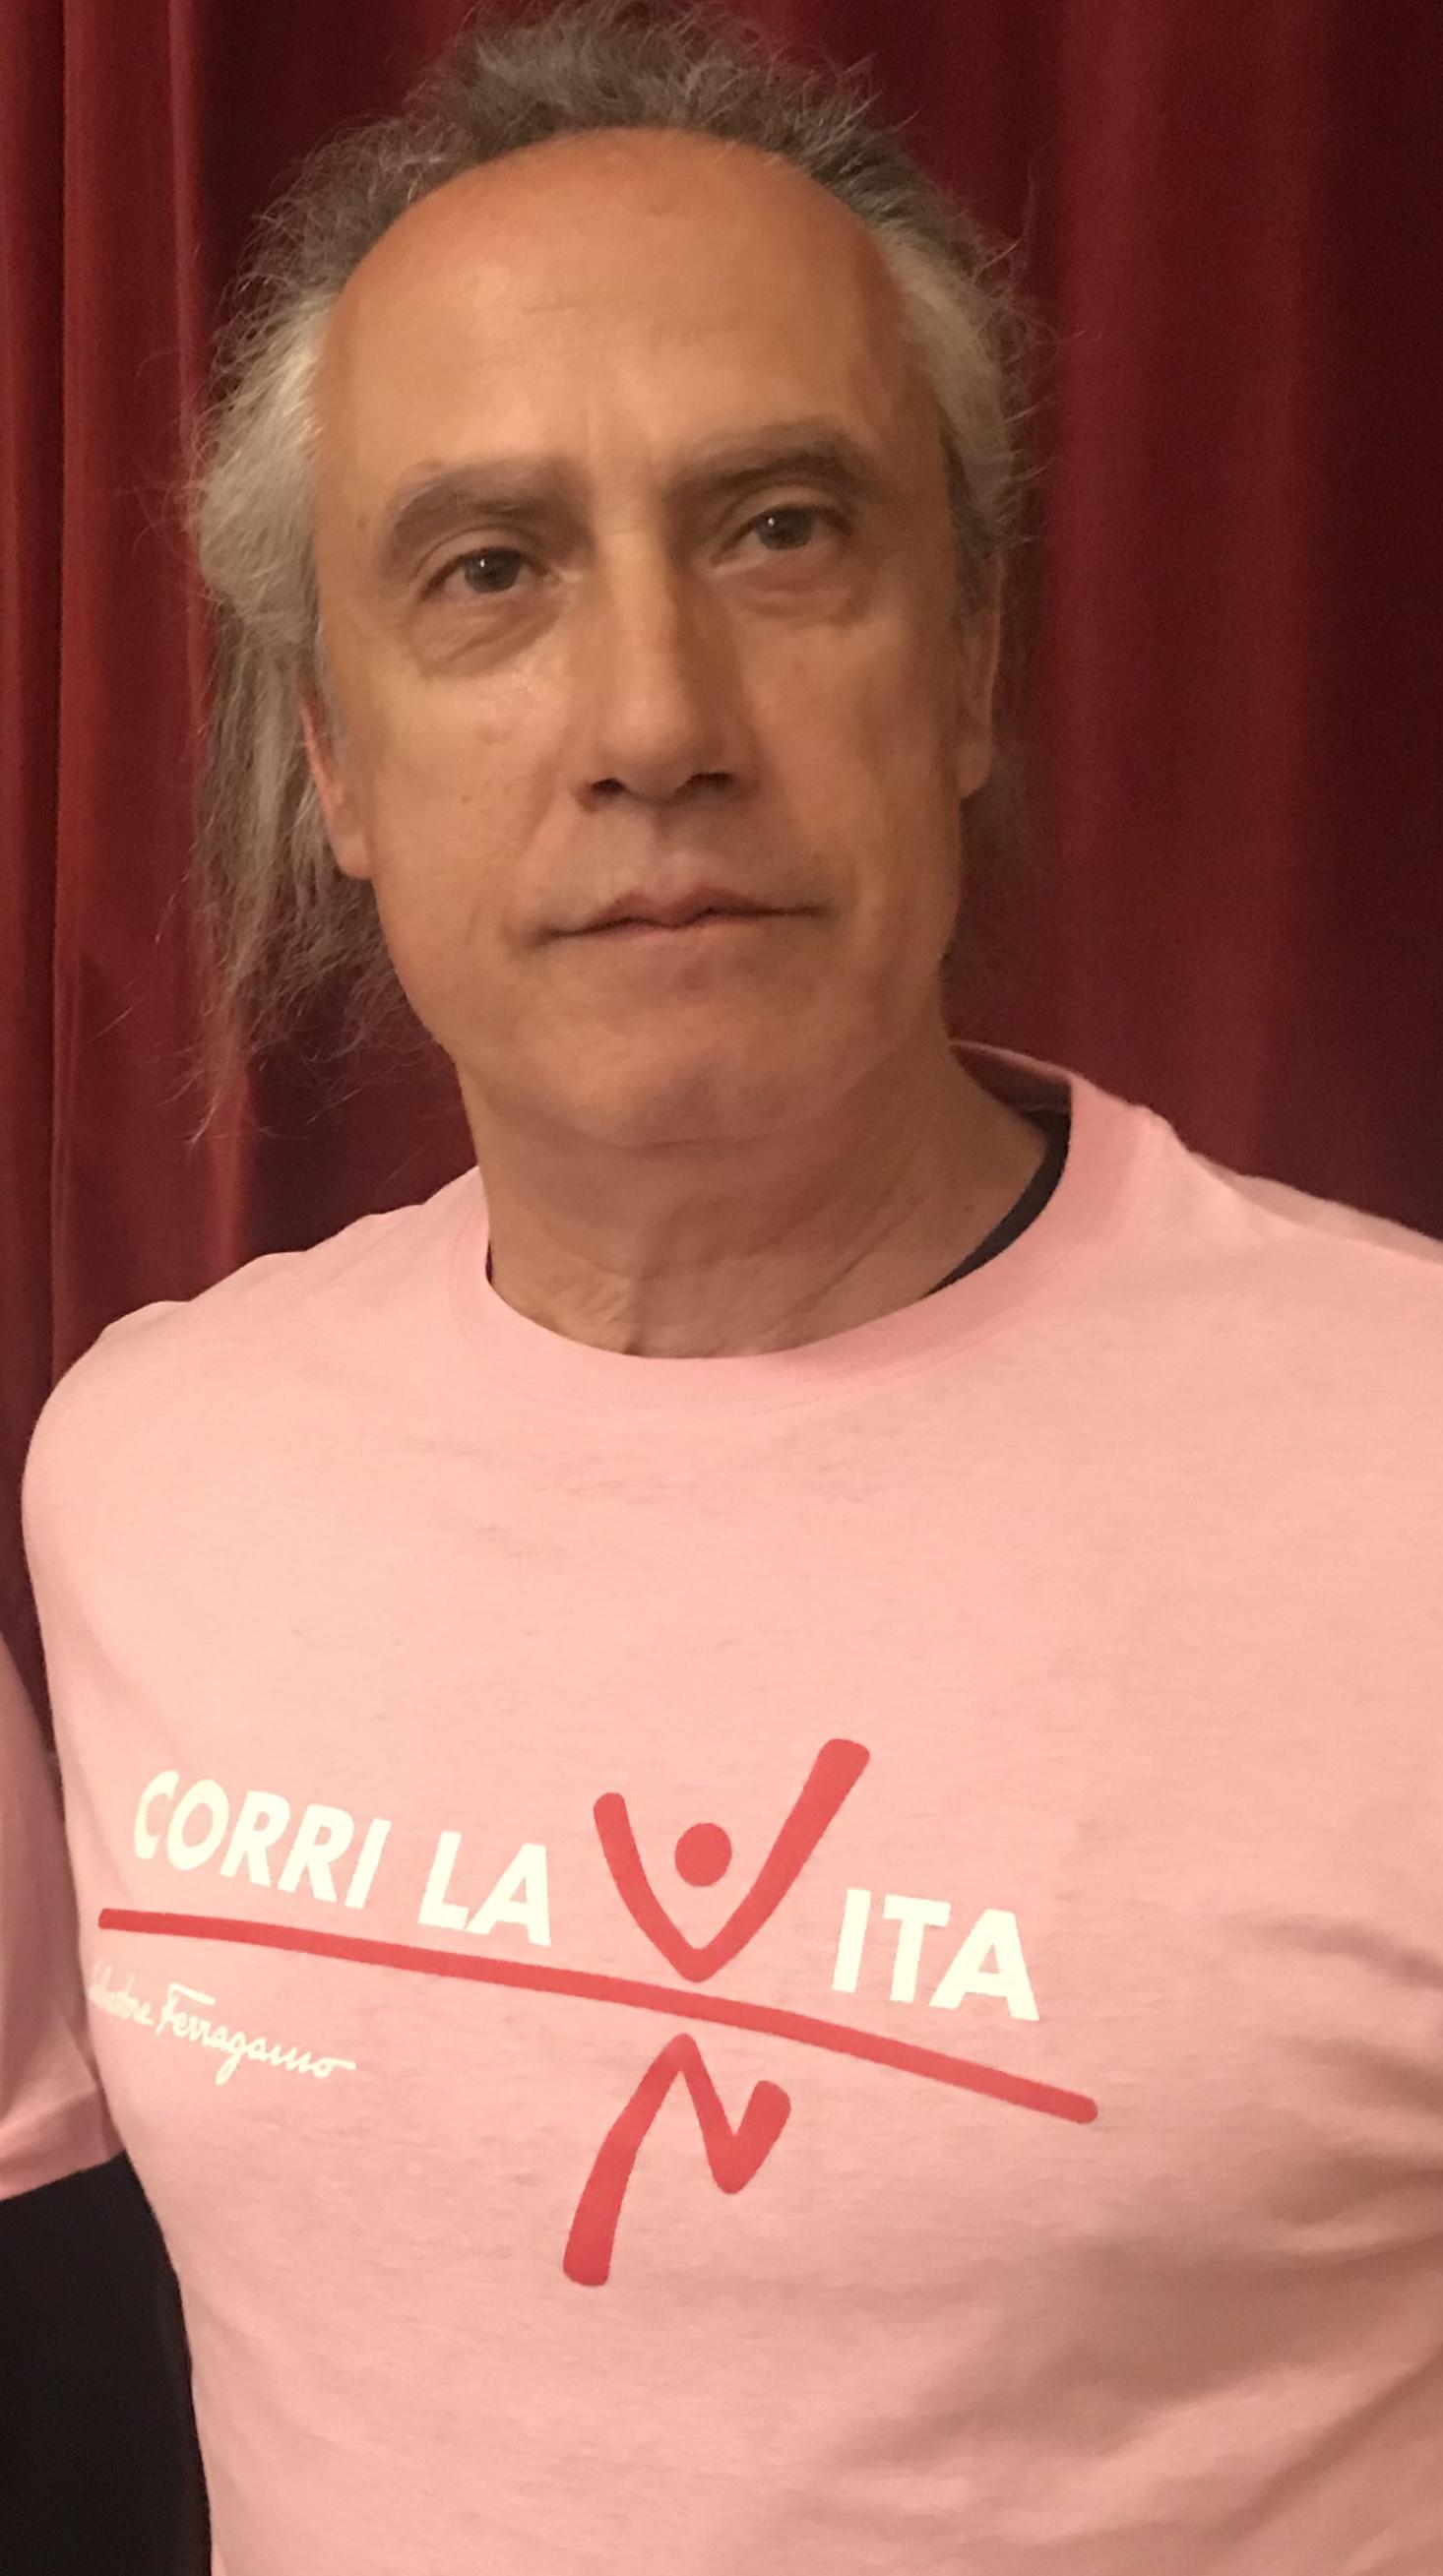 Marco Vichi_corri la vita 2019